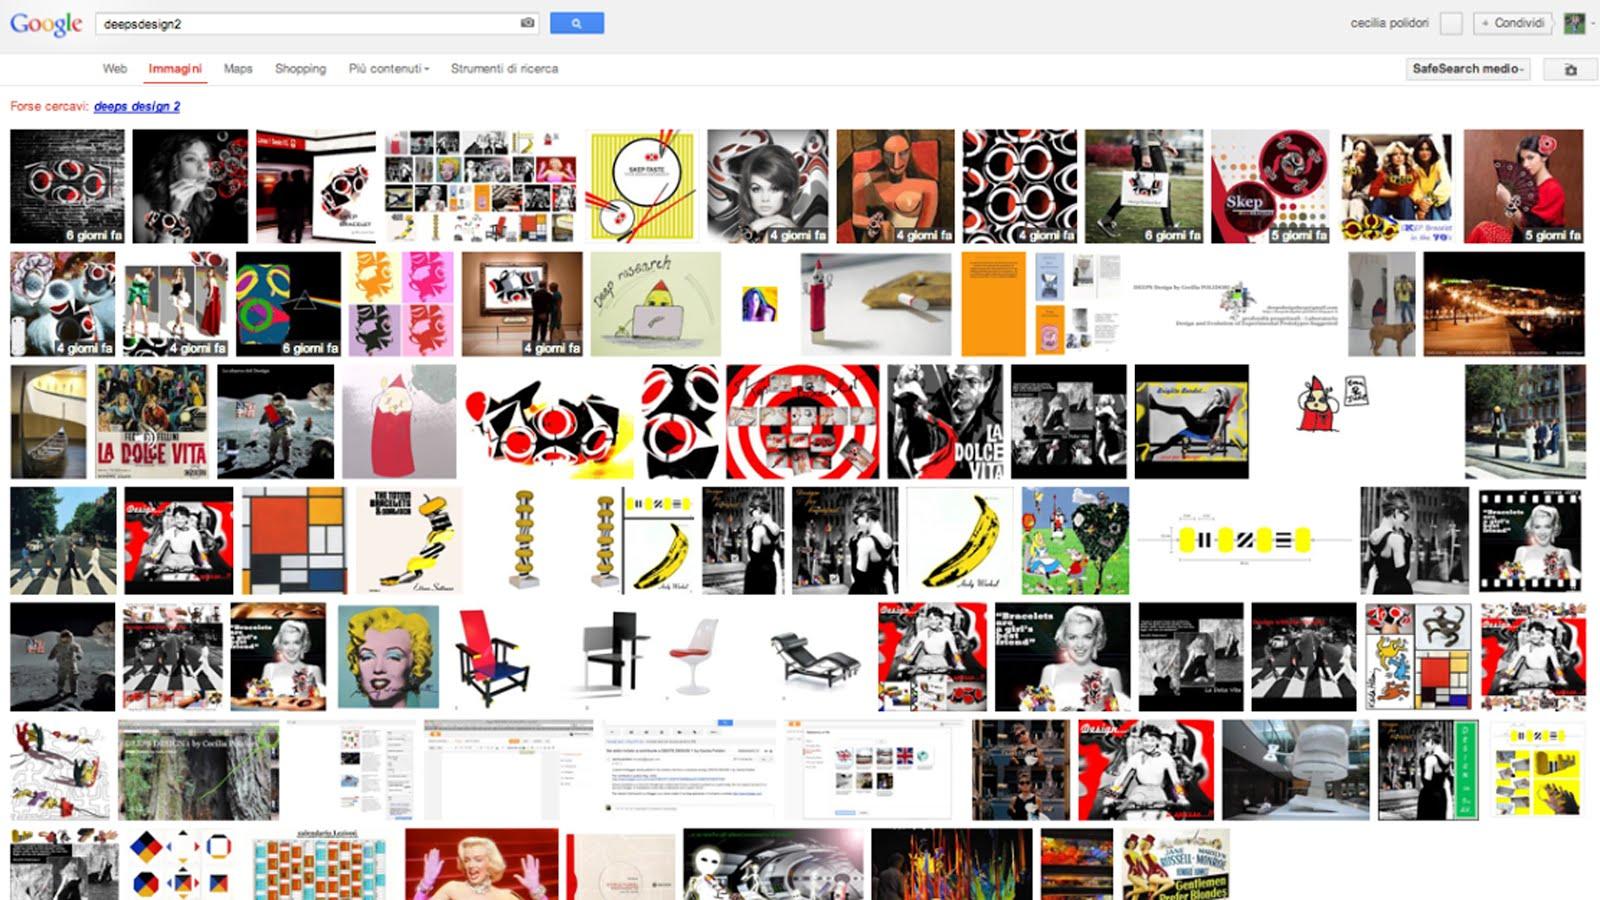 da Google del 3 XII 2012